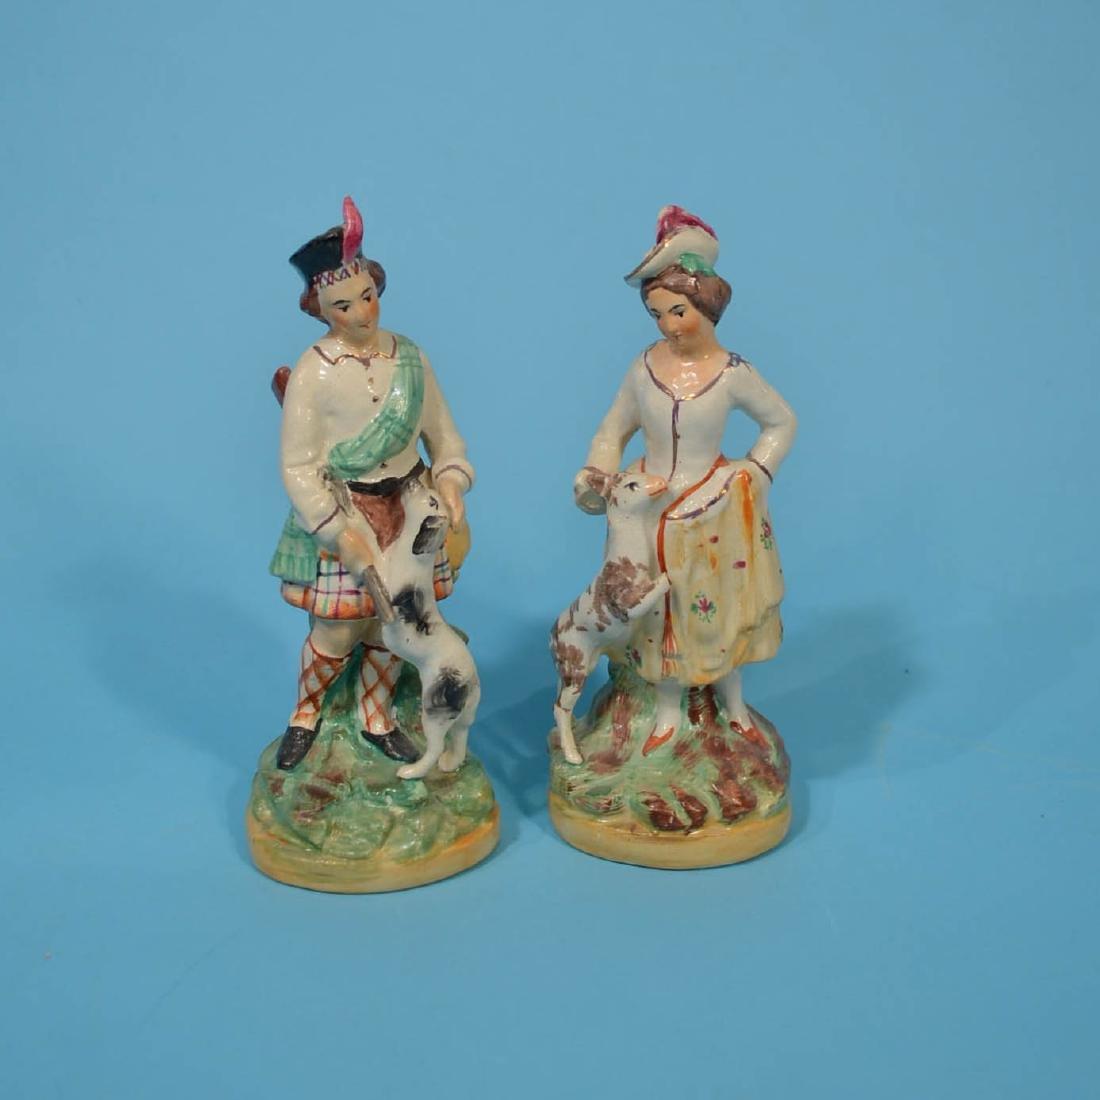 9 Staffordshire Porcelain Figures - 2